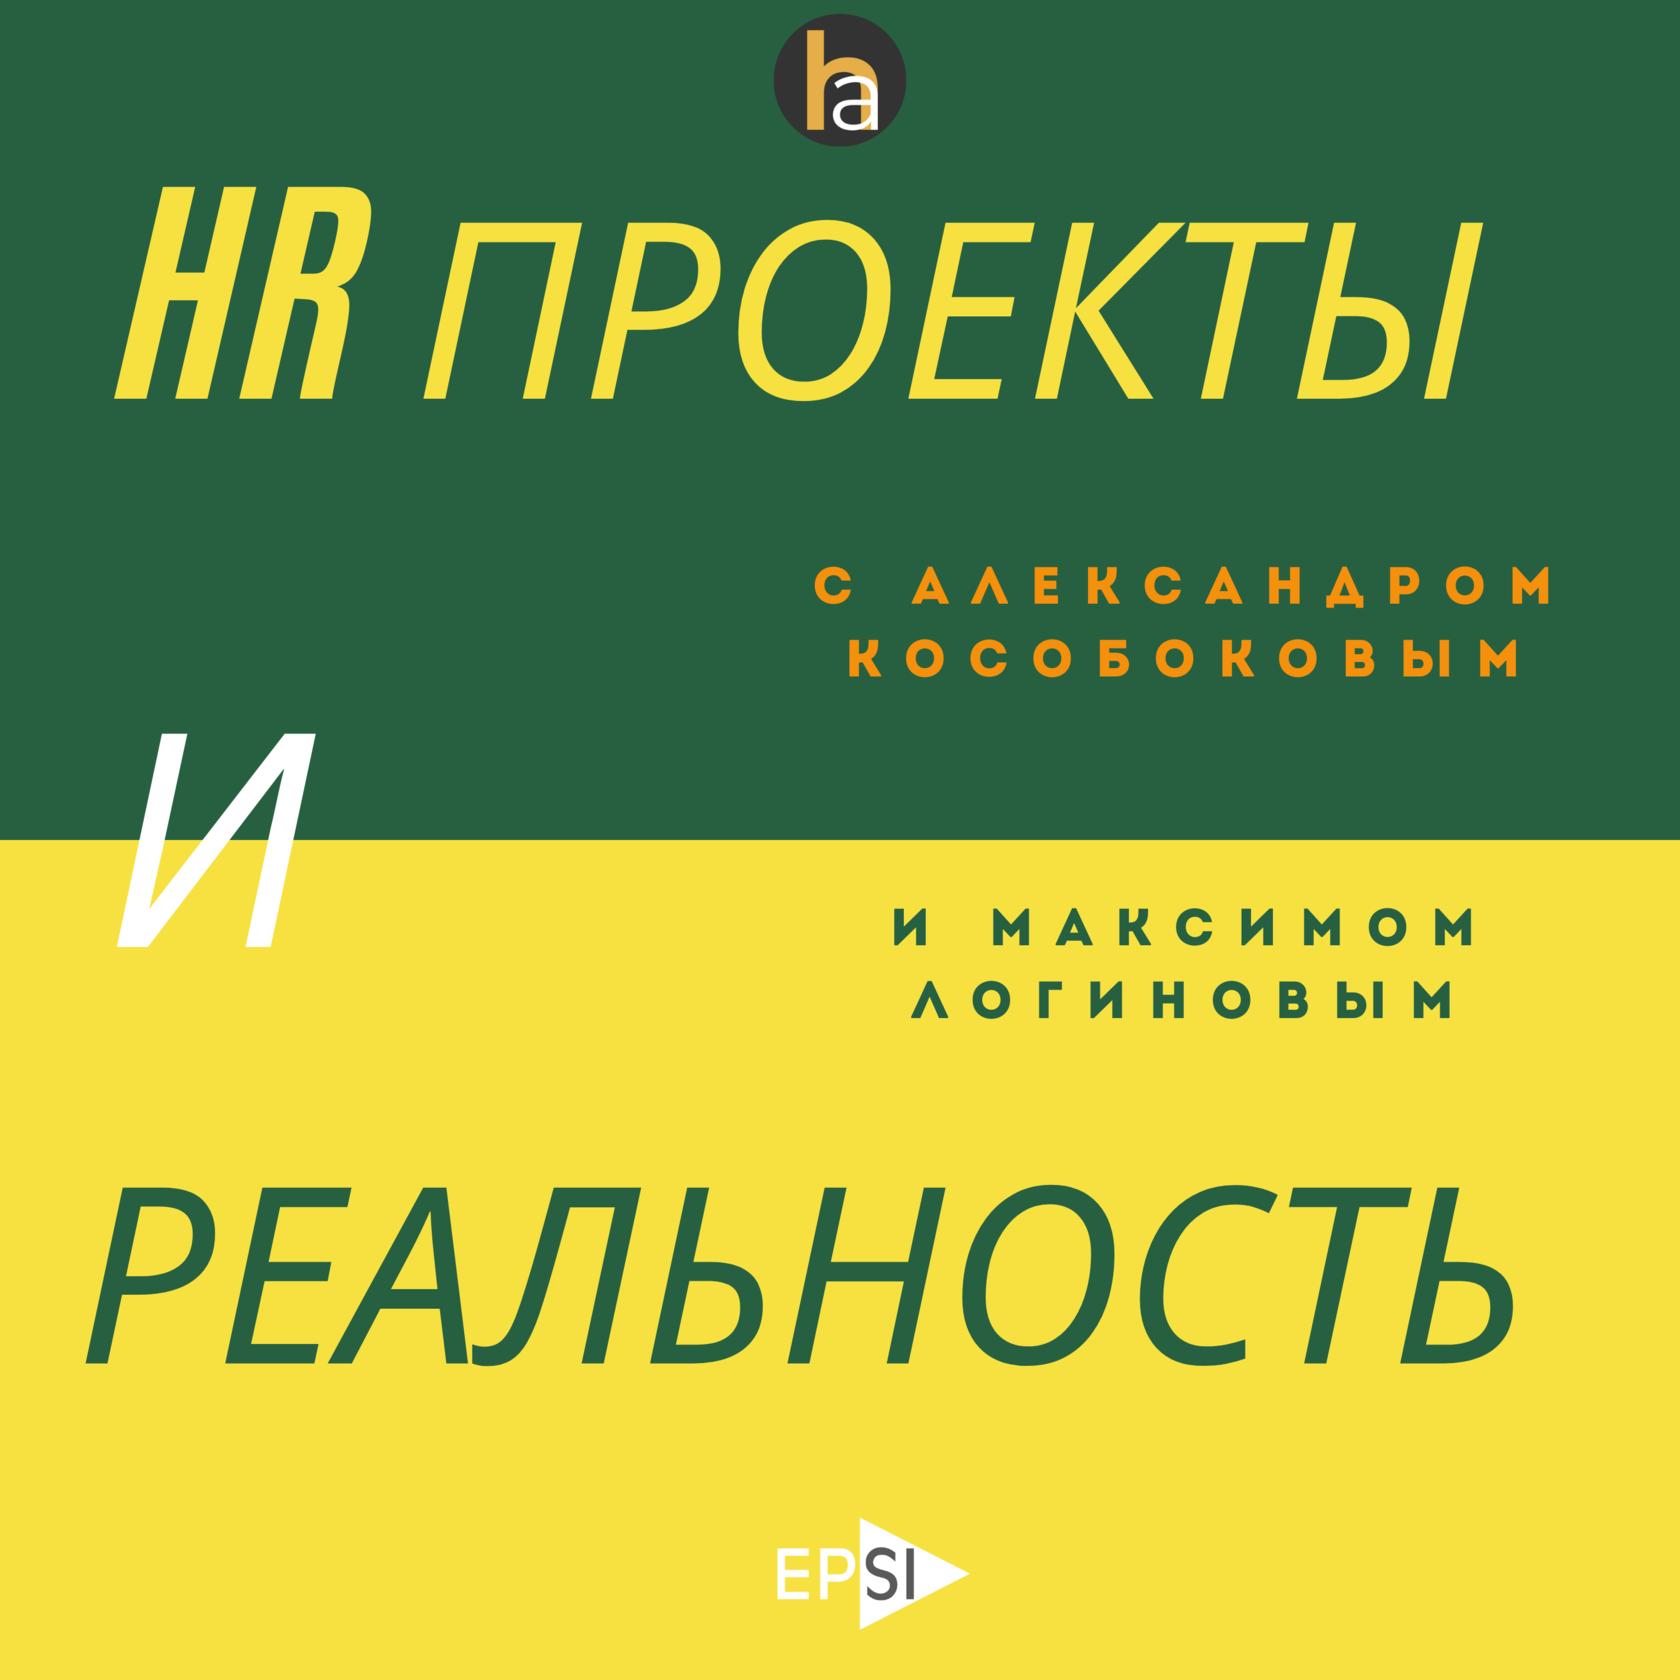 HR проекты и реальность: сложности при оценке должностей и грейдировании